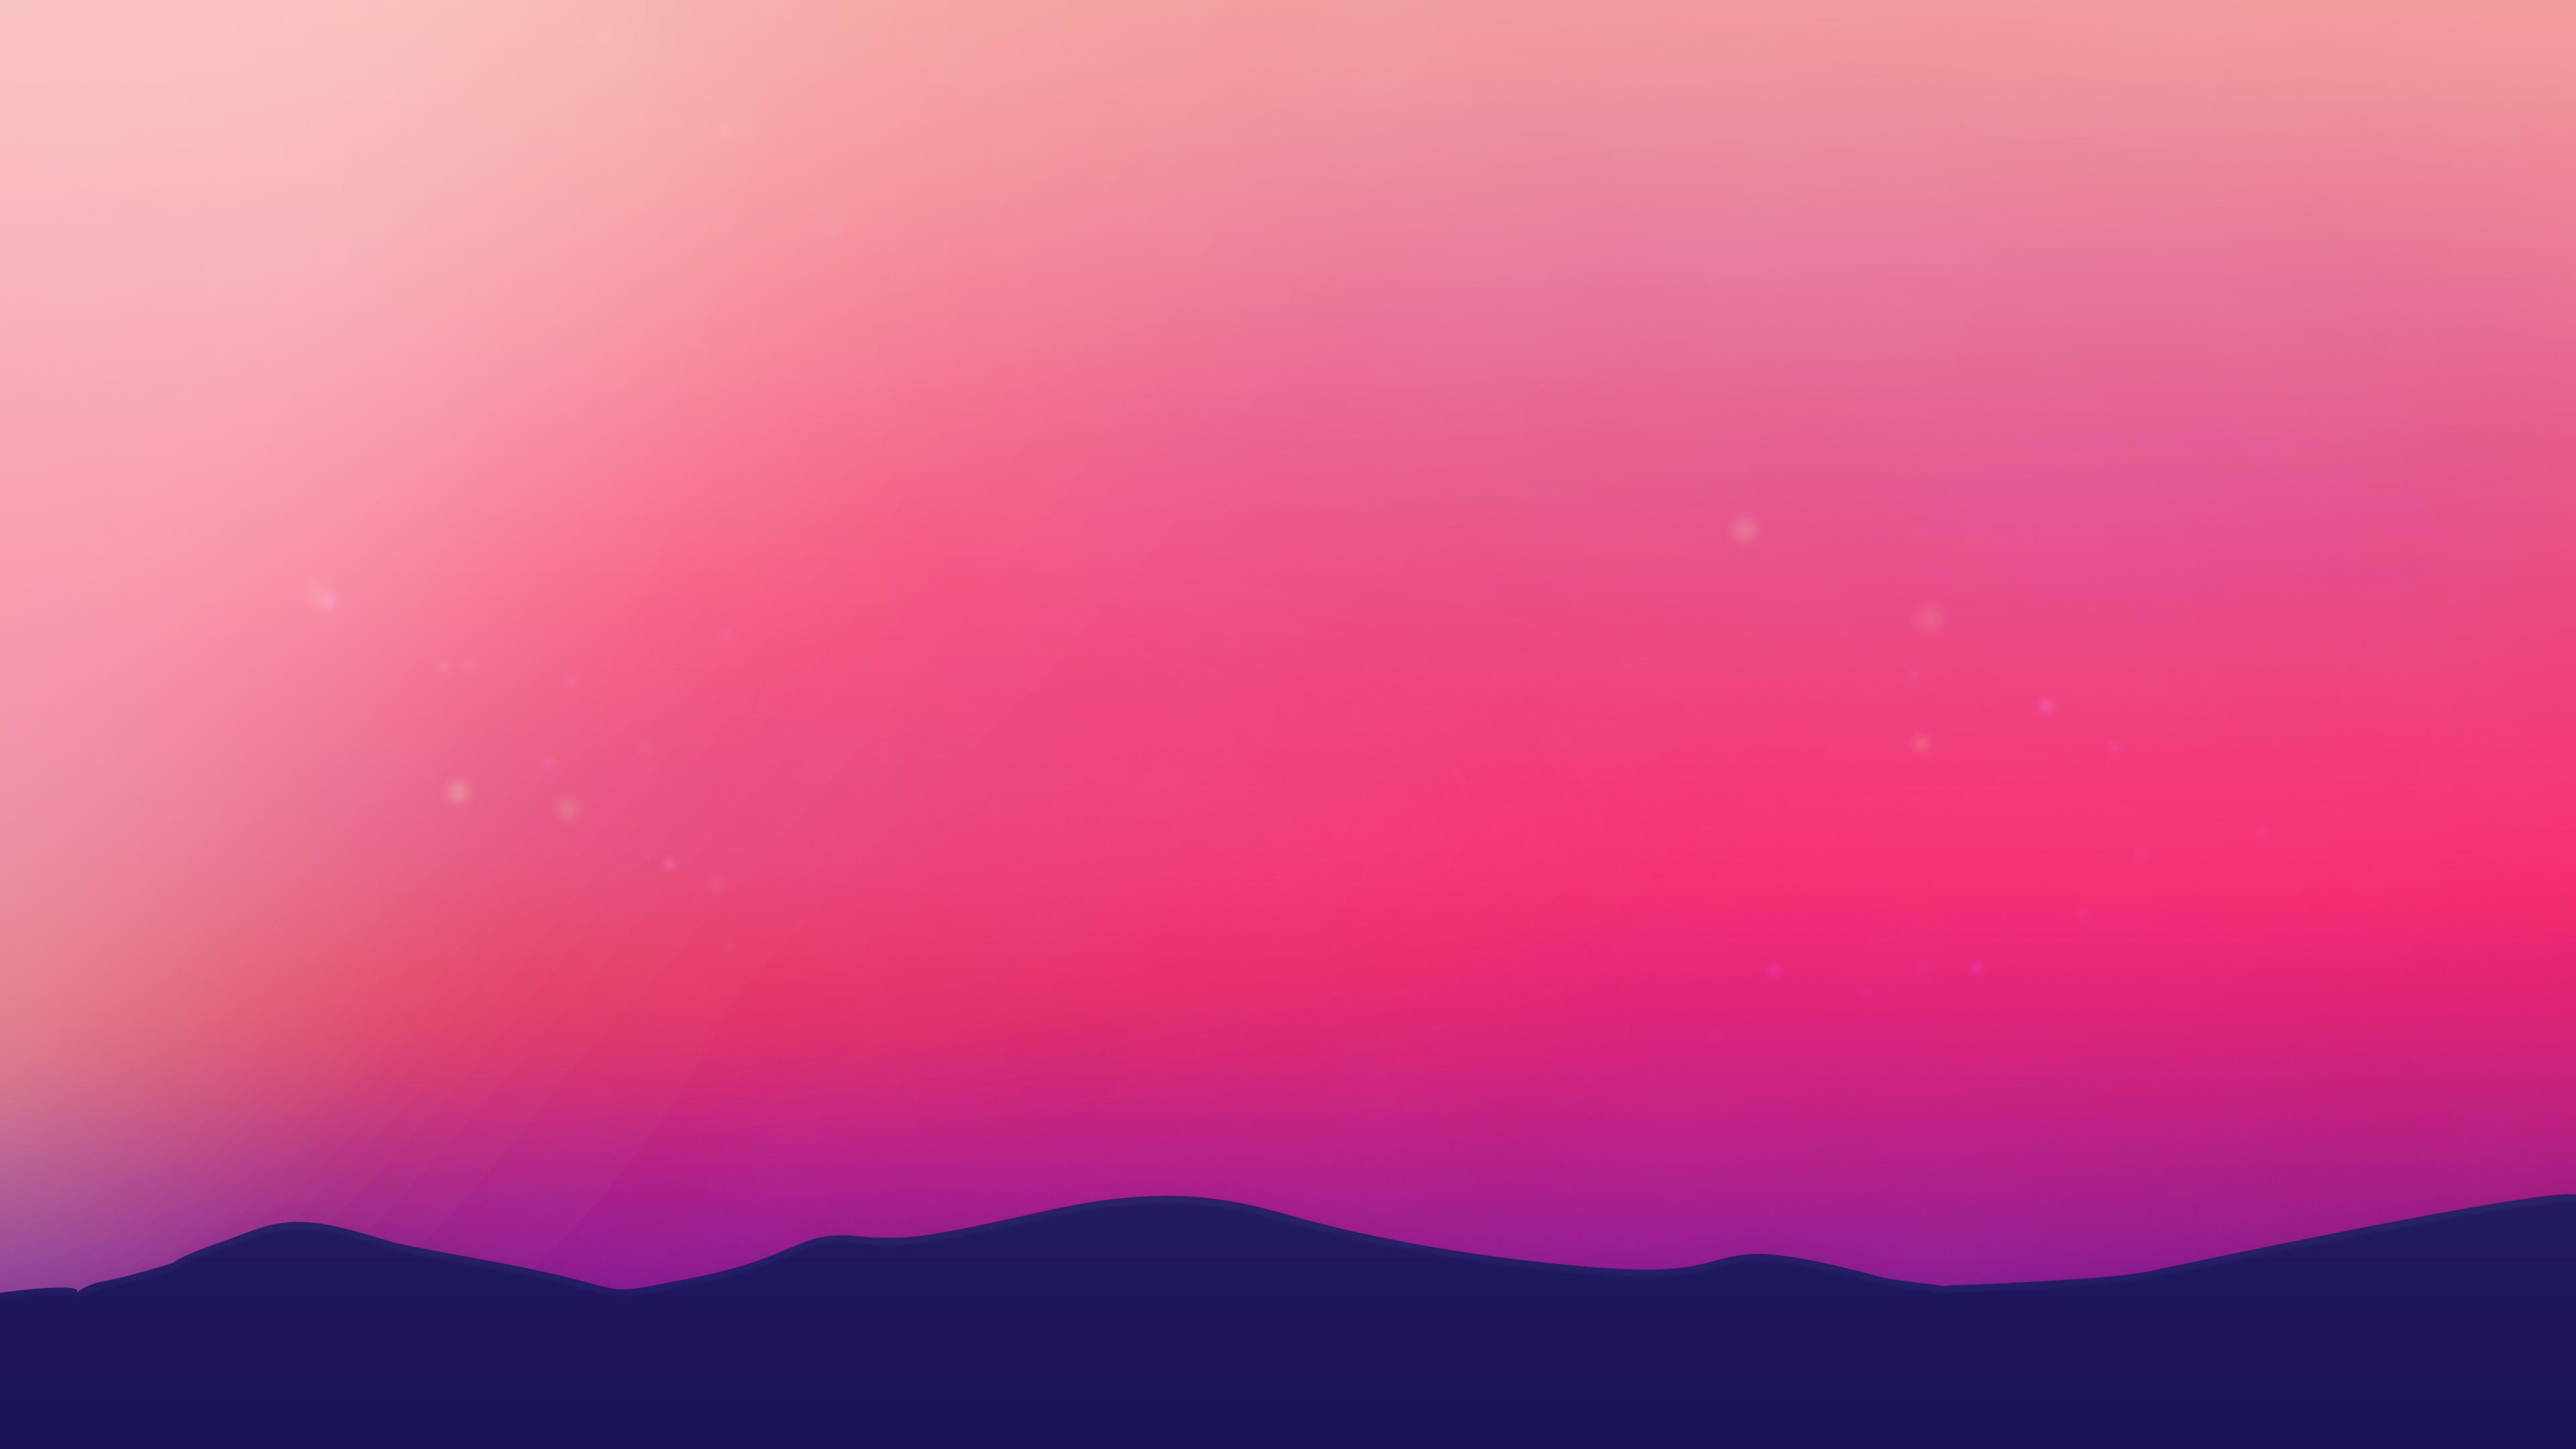 Wallpaper 4k Purple Landscape Scenery Minimalist 4k 4k